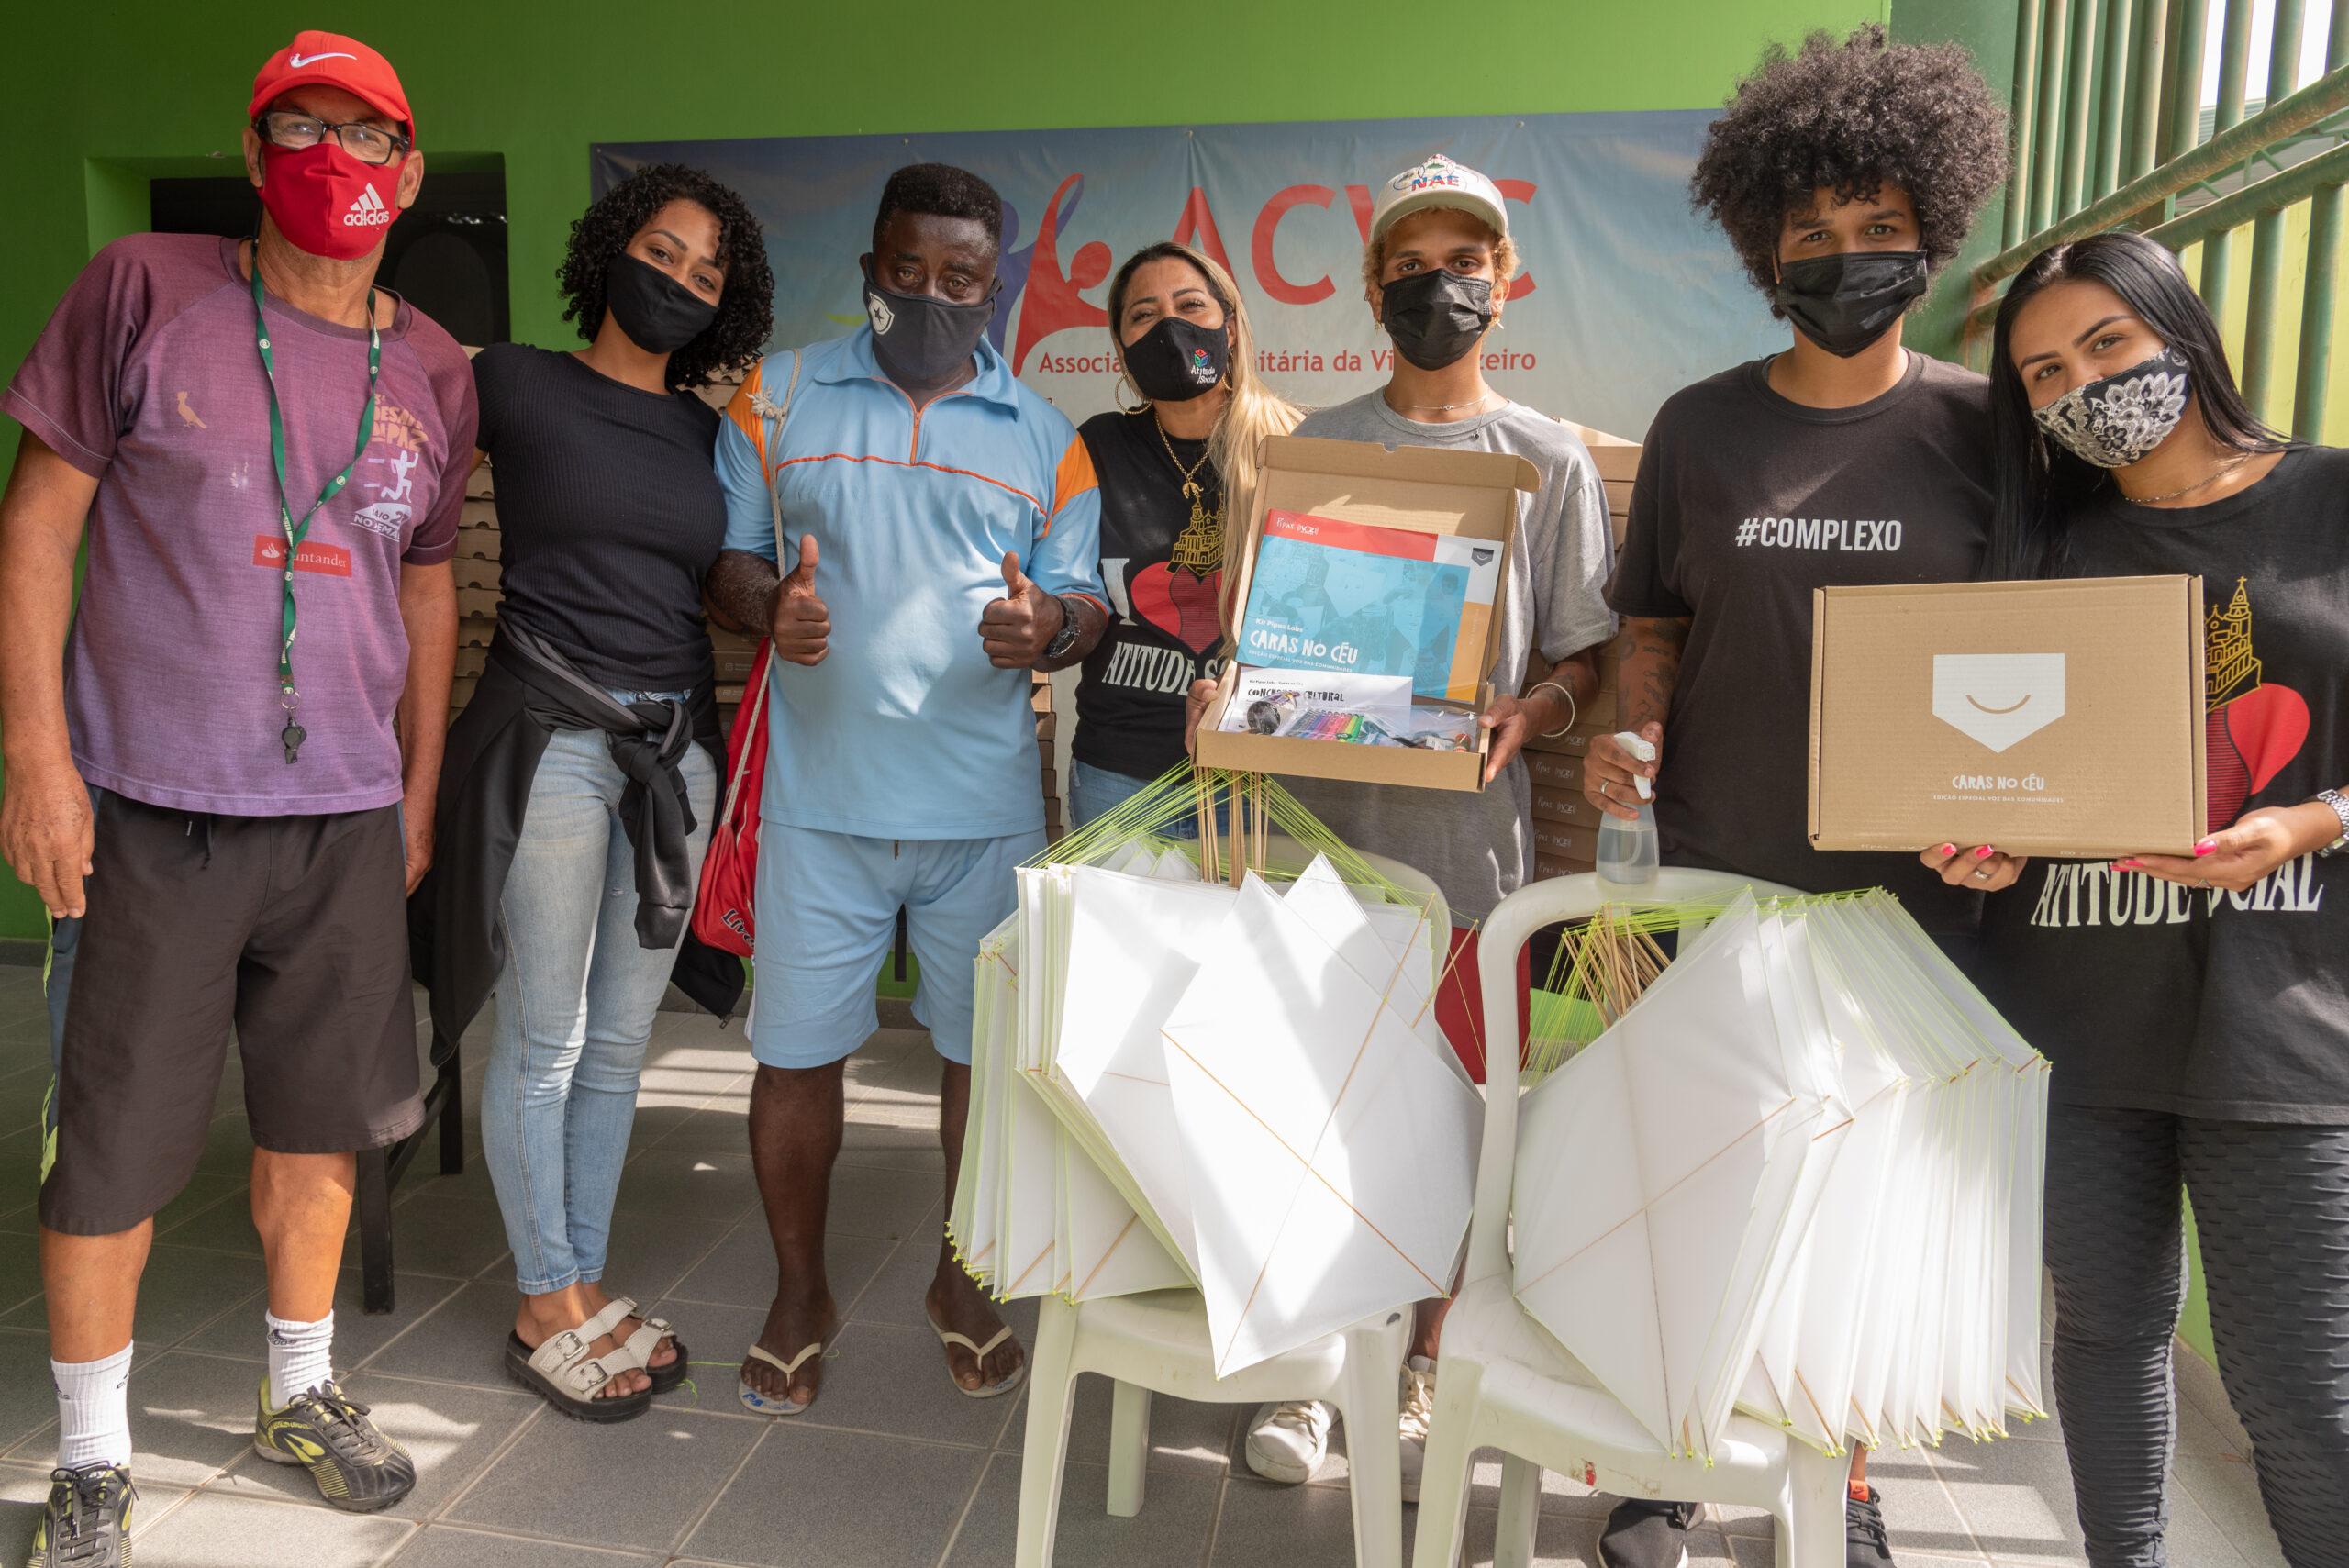 Pipas Labs distribui mais de 150 kits na Ong Atitude Social, na Vila Cruzeiro